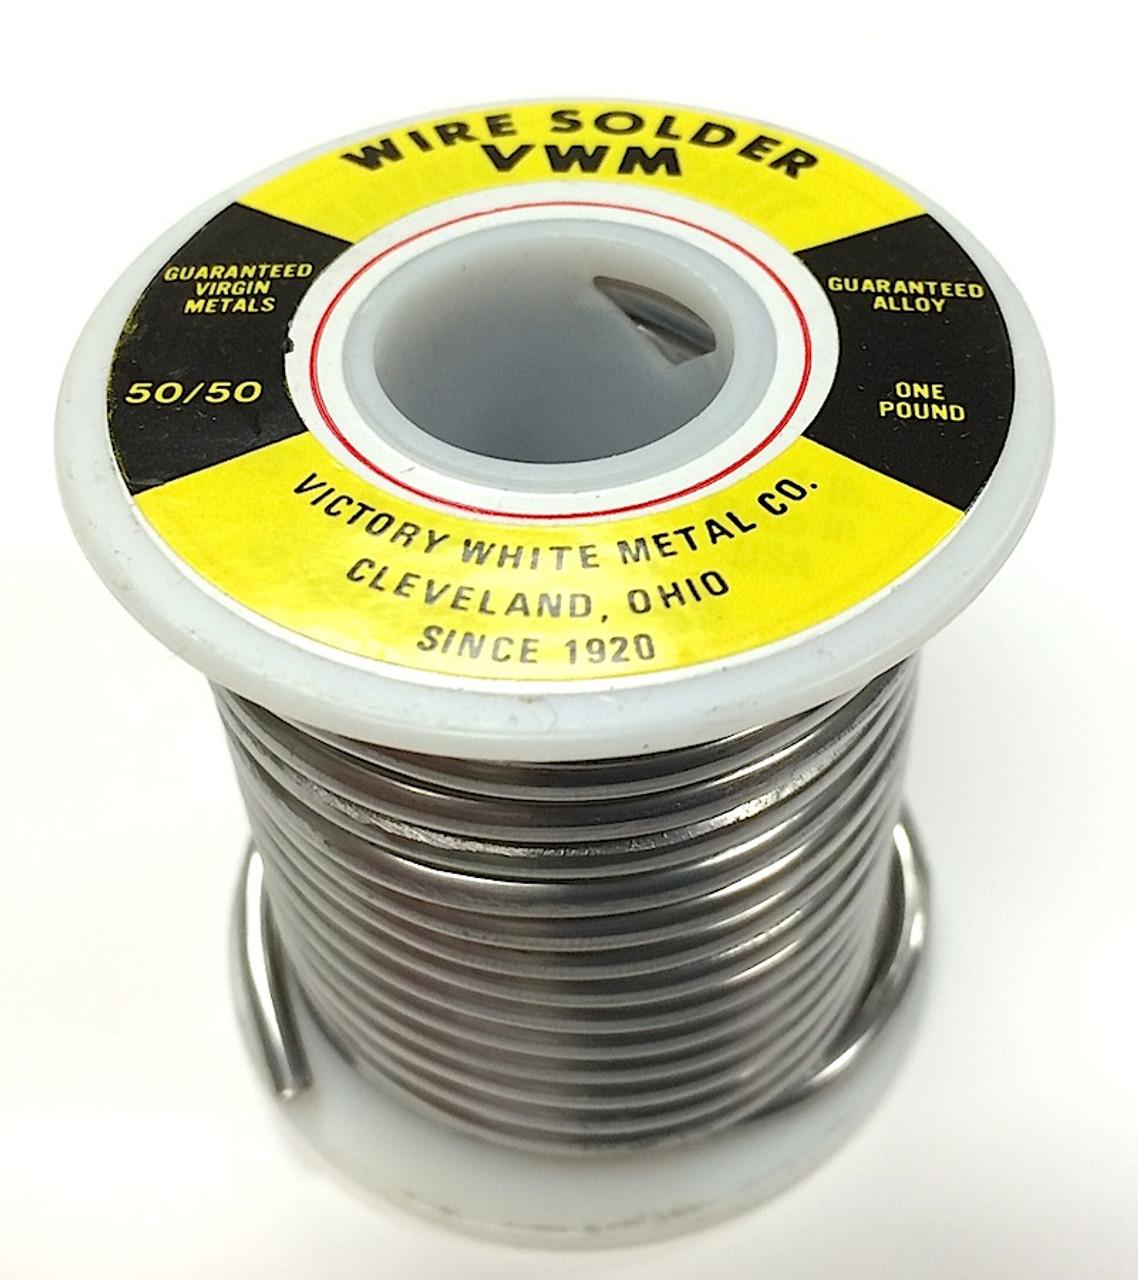 50/50_Wire_Solder-1_lb_Spool